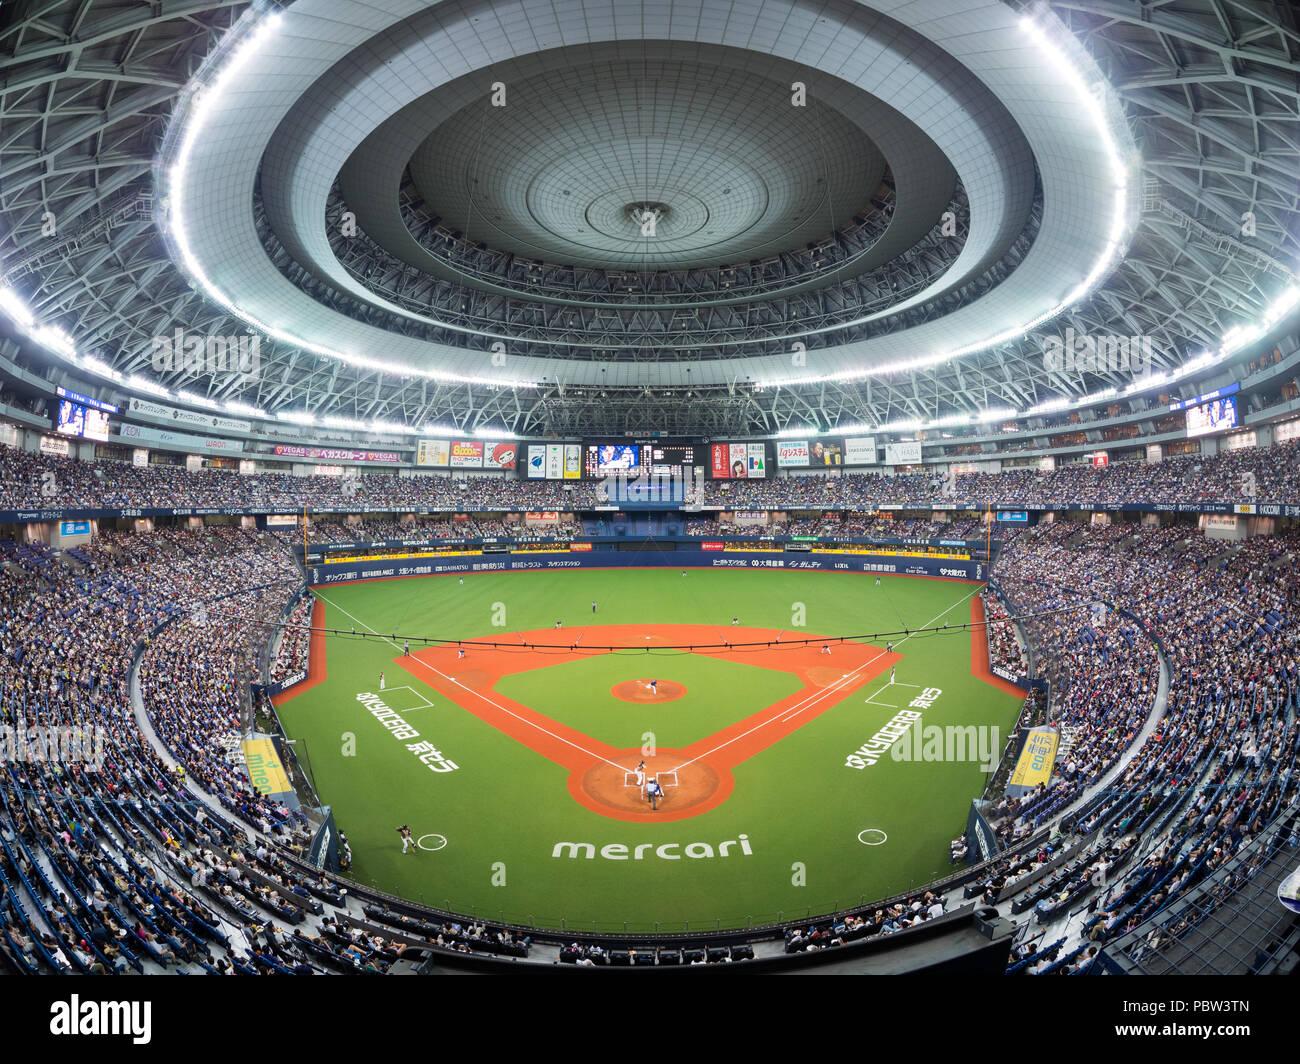 El Osaka Orix Buffaloes reproducir el Hokkaido Nippon Ham Fighters en la Kyocera Osaka Dome en el Pacífico de la liga de béisbol profesional japonés de acción. Imagen De Stock